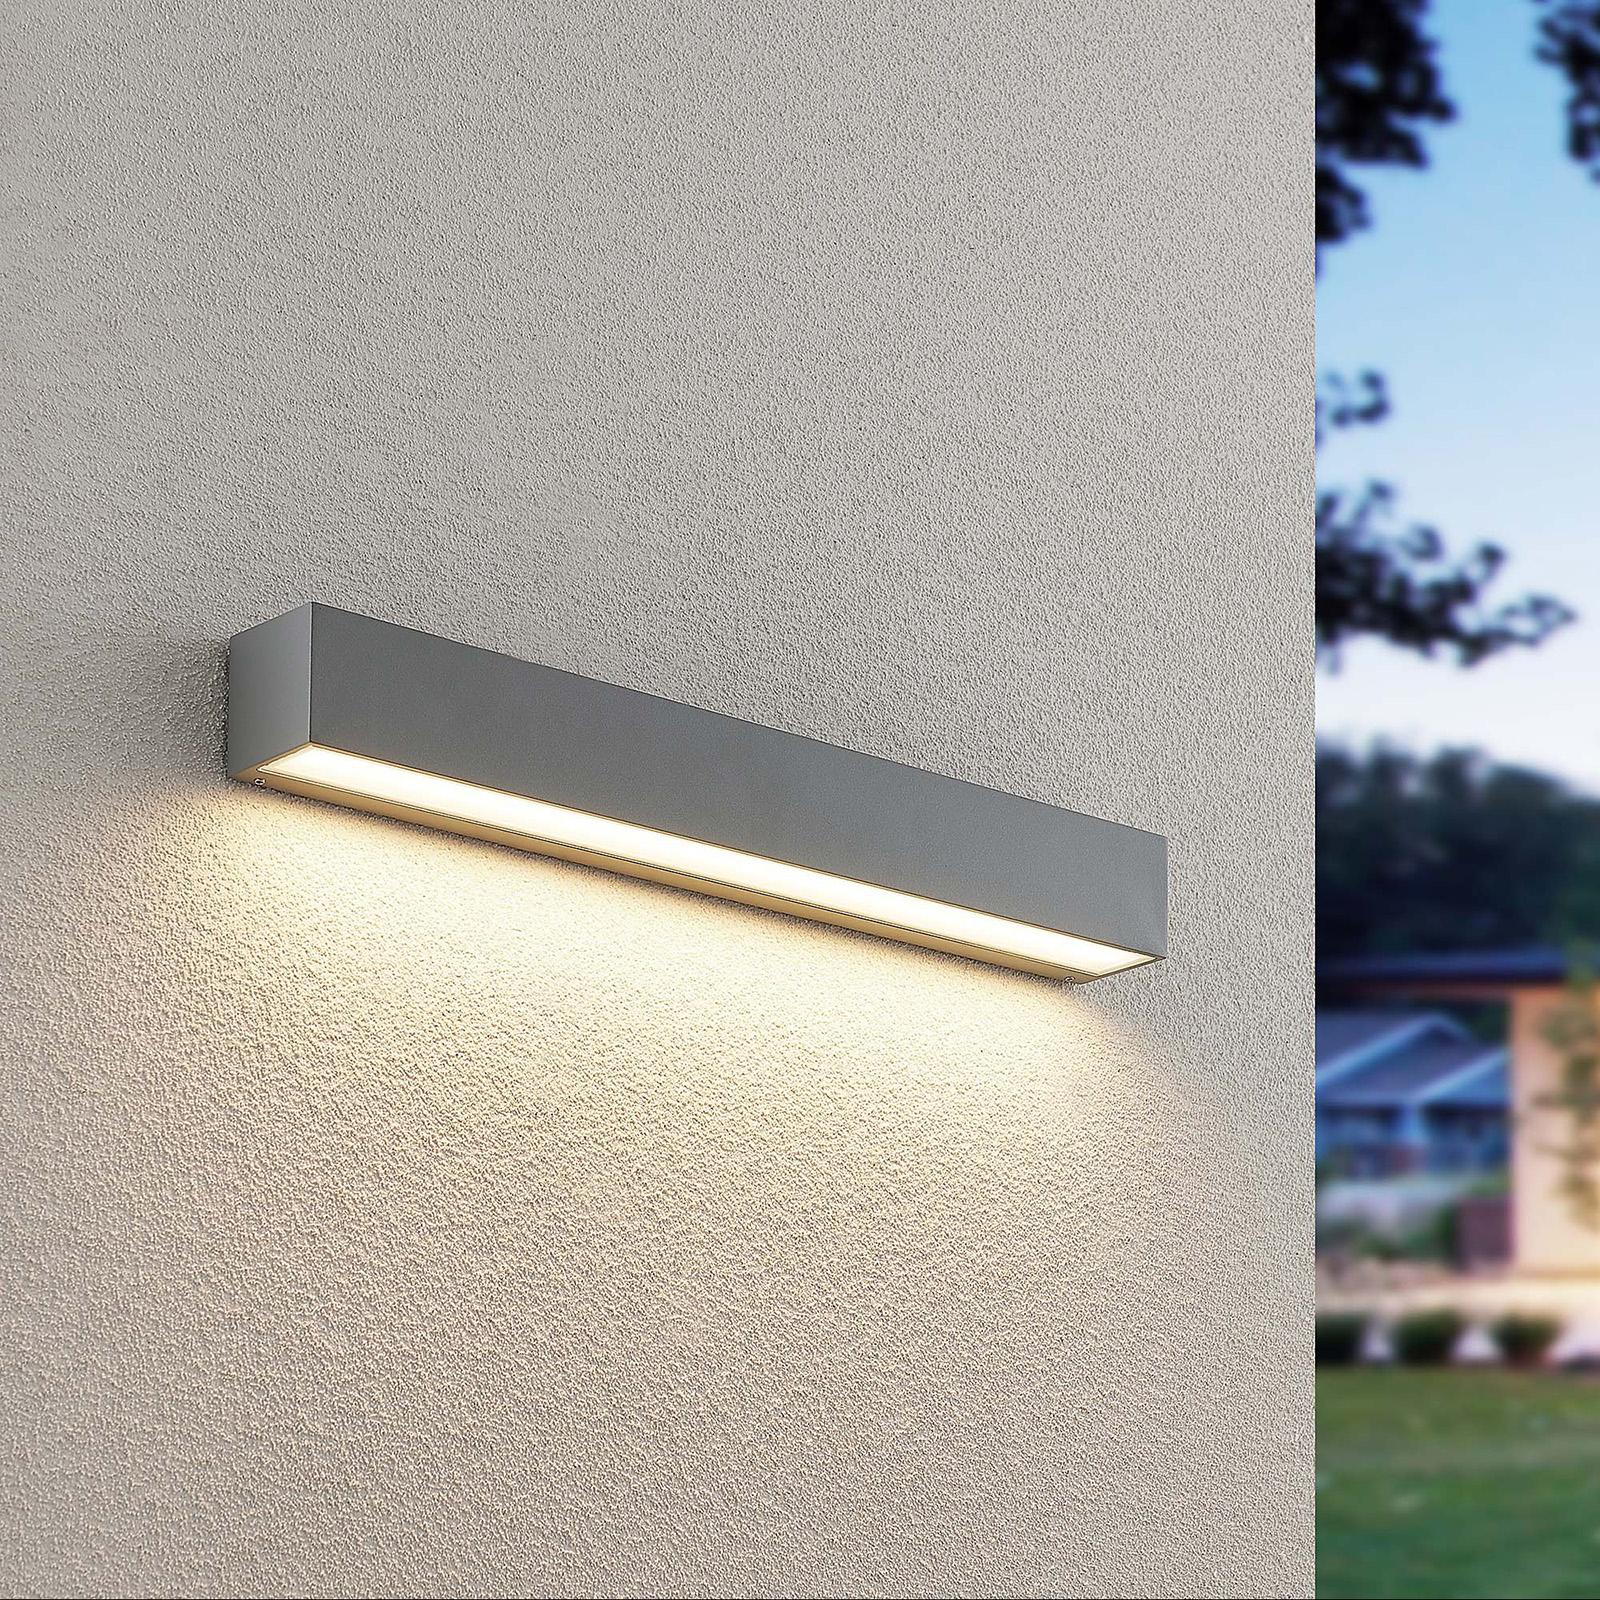 Lucande Lengo applique LED, 50 cm, argento, 1 luce